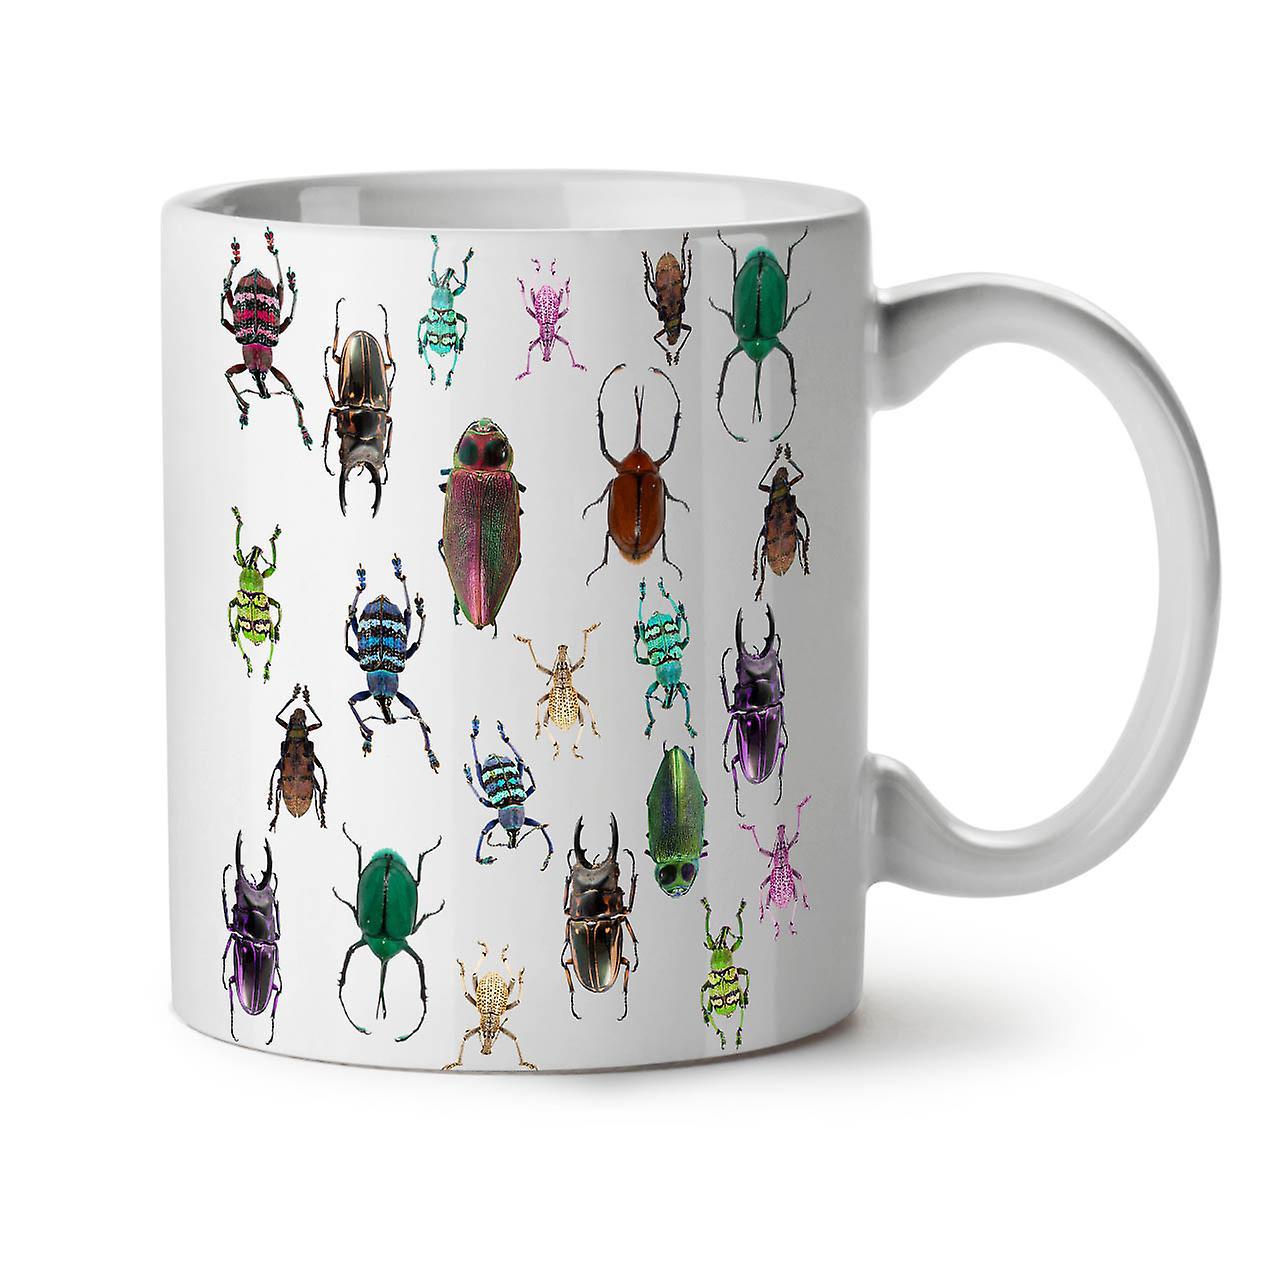 Café Bugs Thé Couleur Des Nouveaux Blanc Tasse Céramique OzWellcoda 11 I9HbWD2YeE